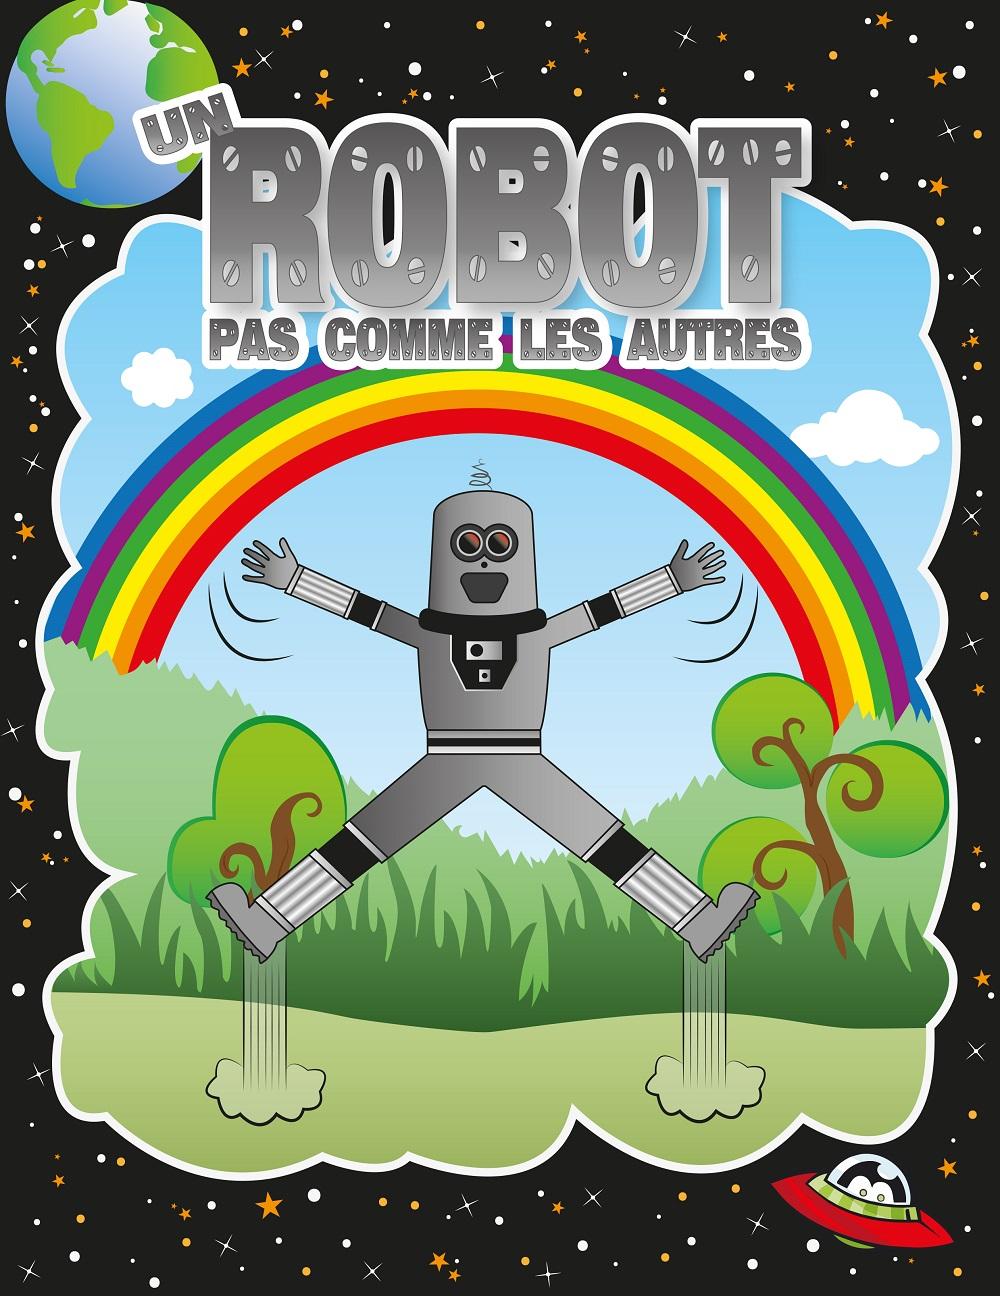 Ezan dans Un robot pas comme les autres